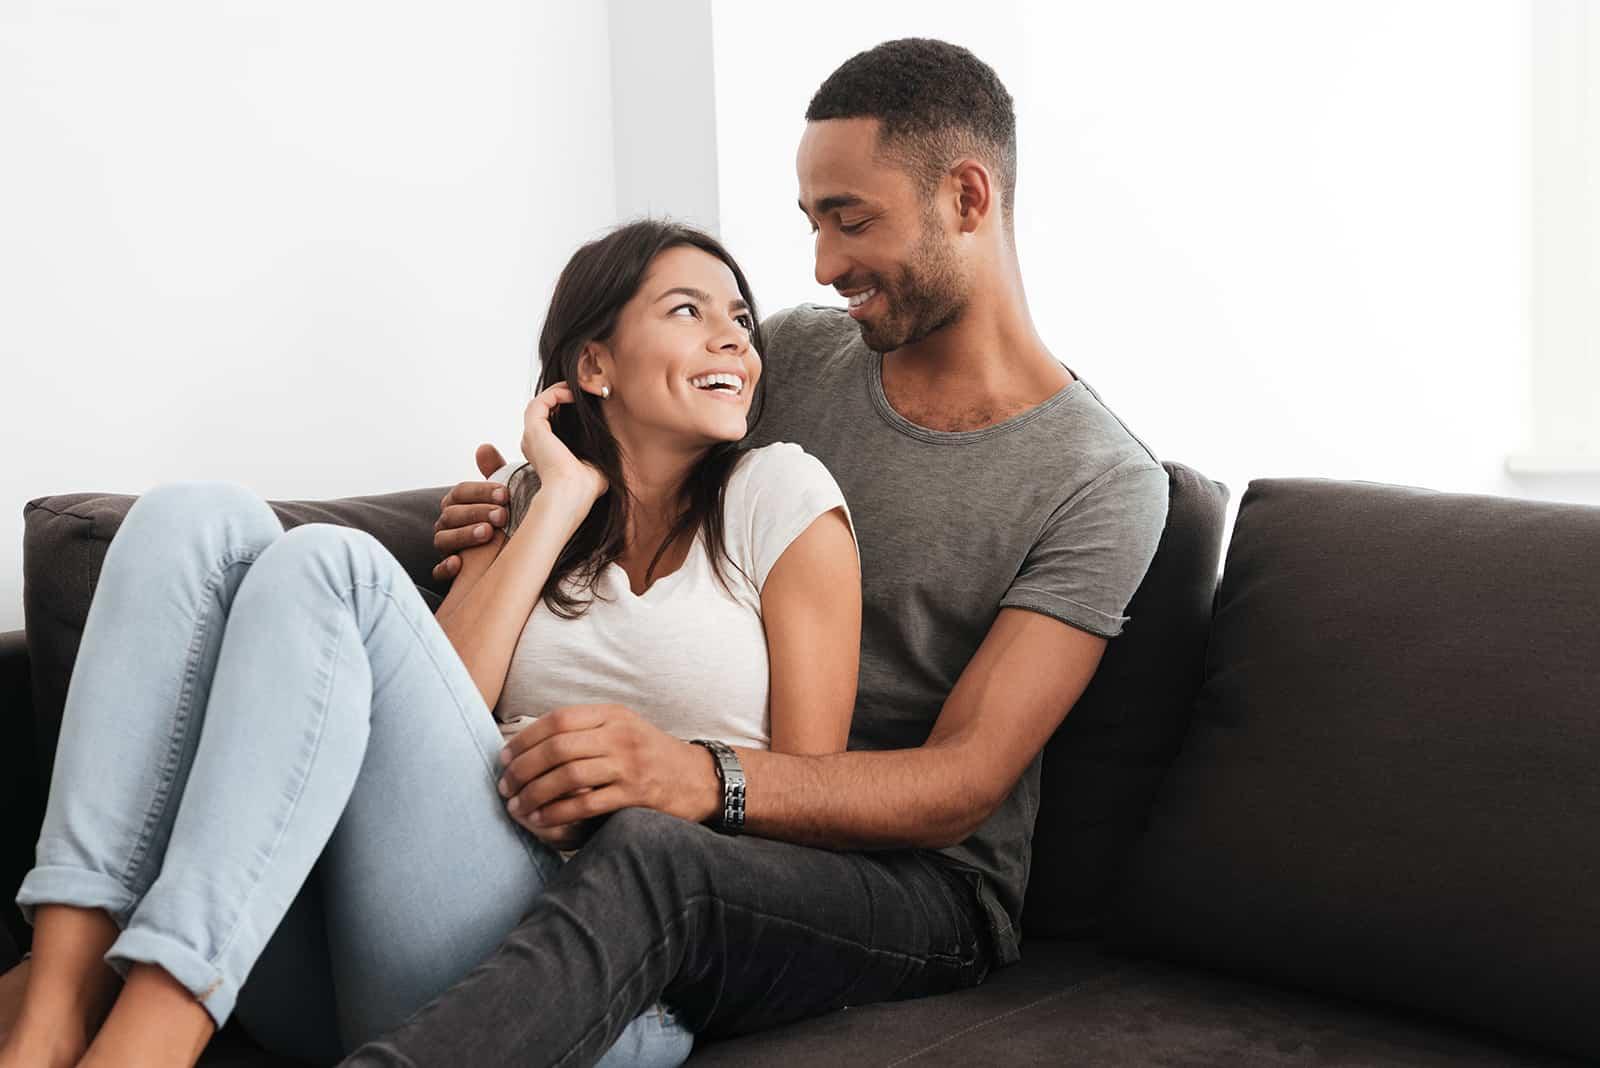 Paar lacht zu Hause auf einem Sofa und schaut sich an